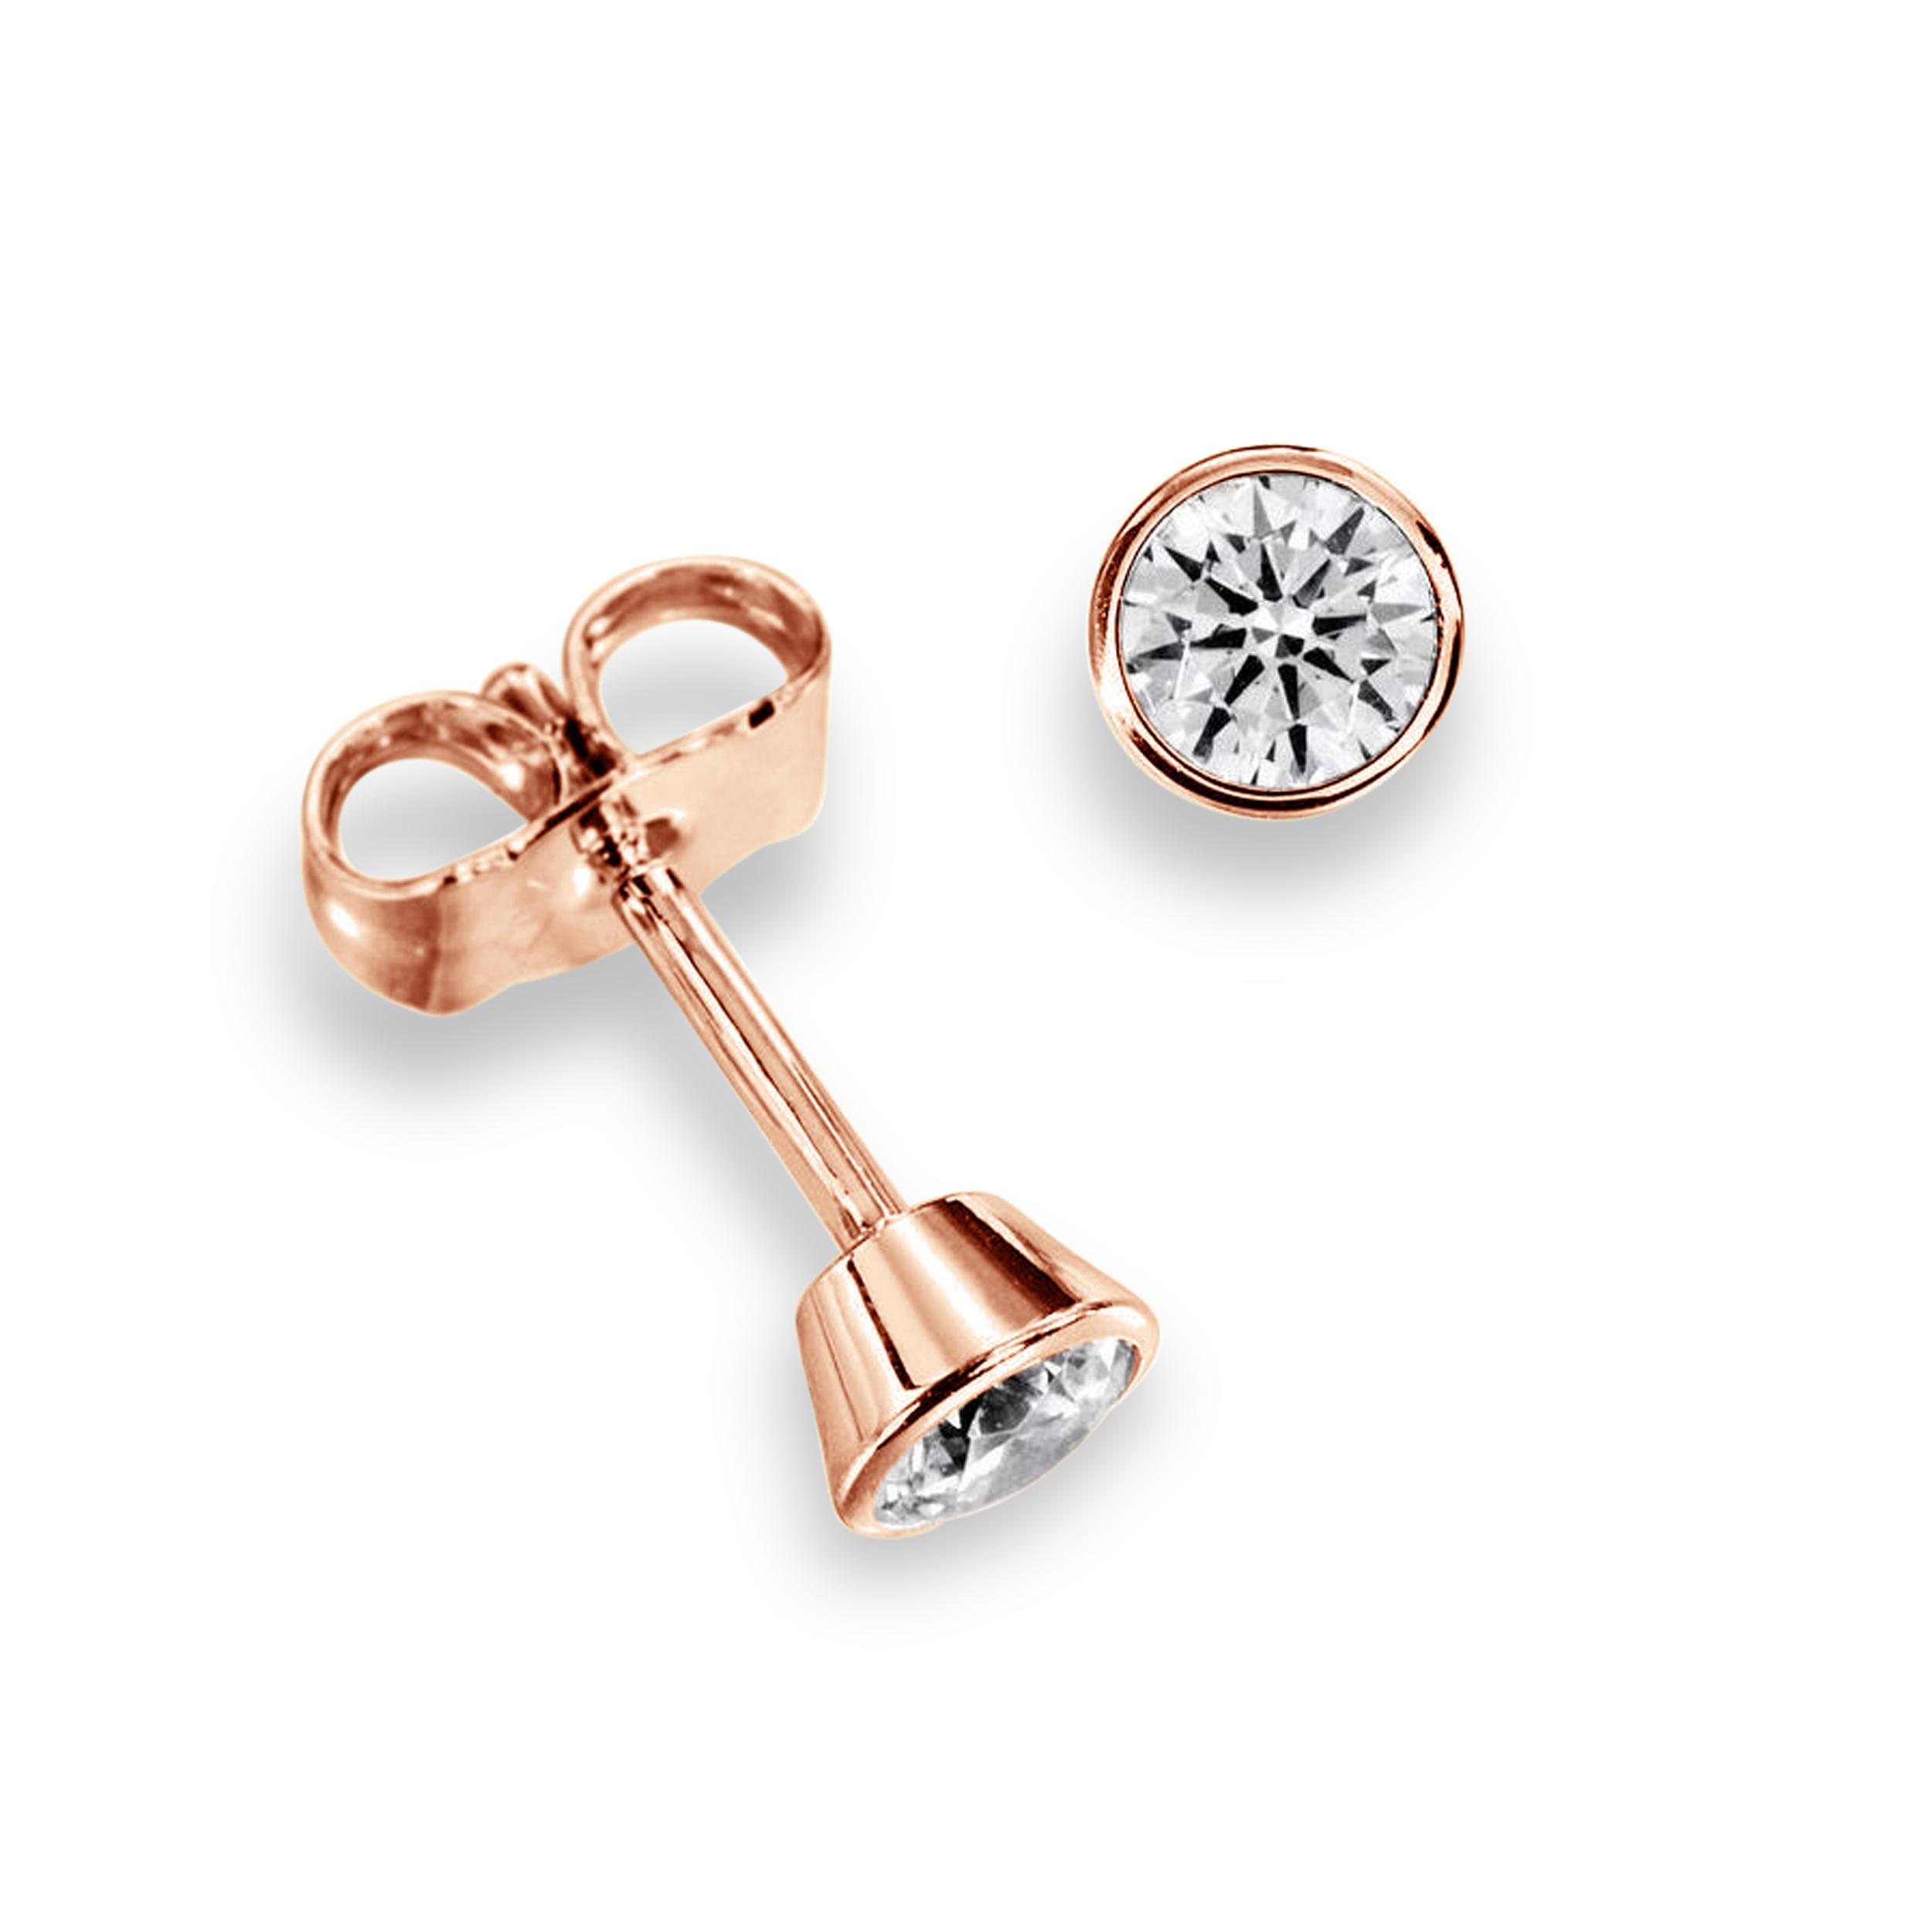 Bezel Set Rose Yellow Or White Gold Diamond Stud Earrings